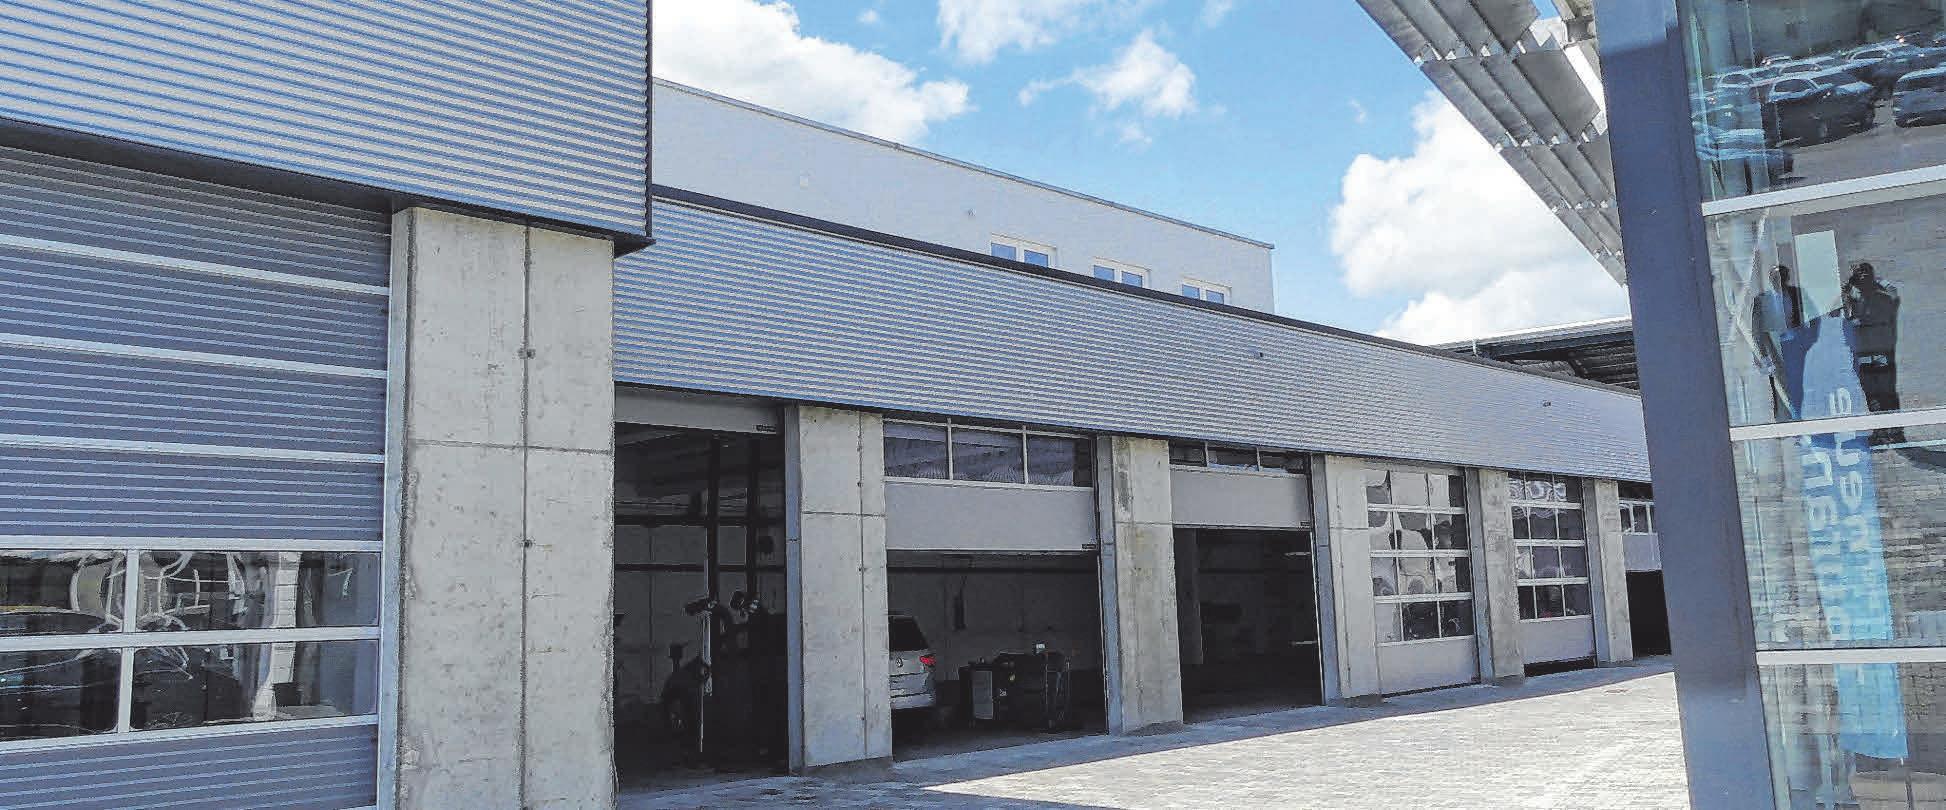 Die neuen Werkstatthallen des Autohauses Ehingen sind mit modernster Technik, wie etwa einer Schwerlast-Hebebühne, ausgestattet. FOTOS: BURGHART